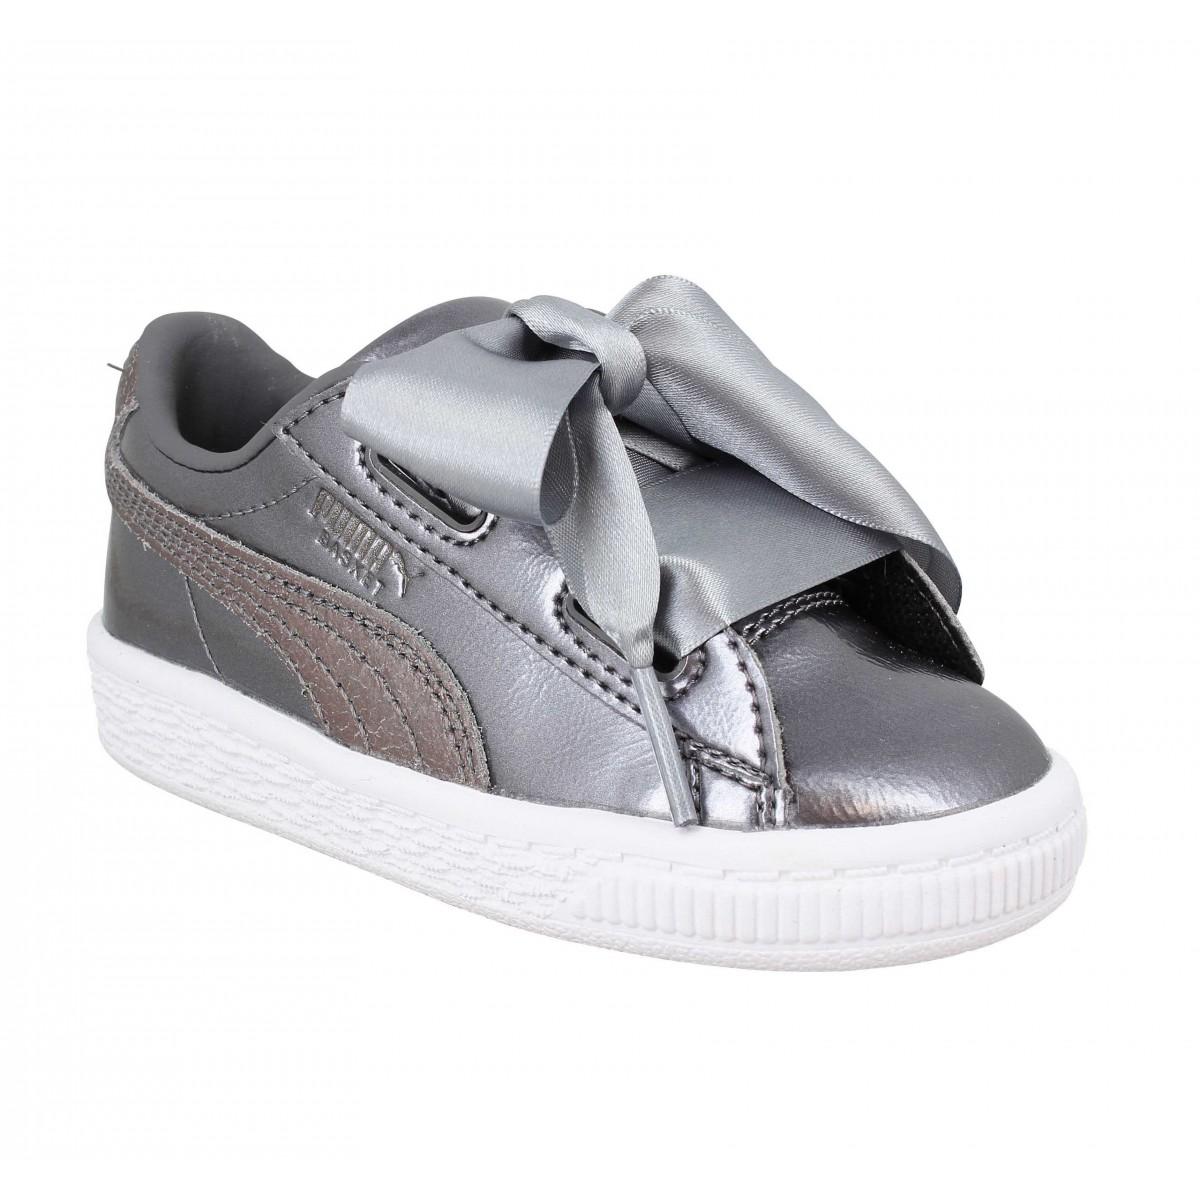 baskets puma pour enfant pas cher mes chaussures. Black Bedroom Furniture Sets. Home Design Ideas